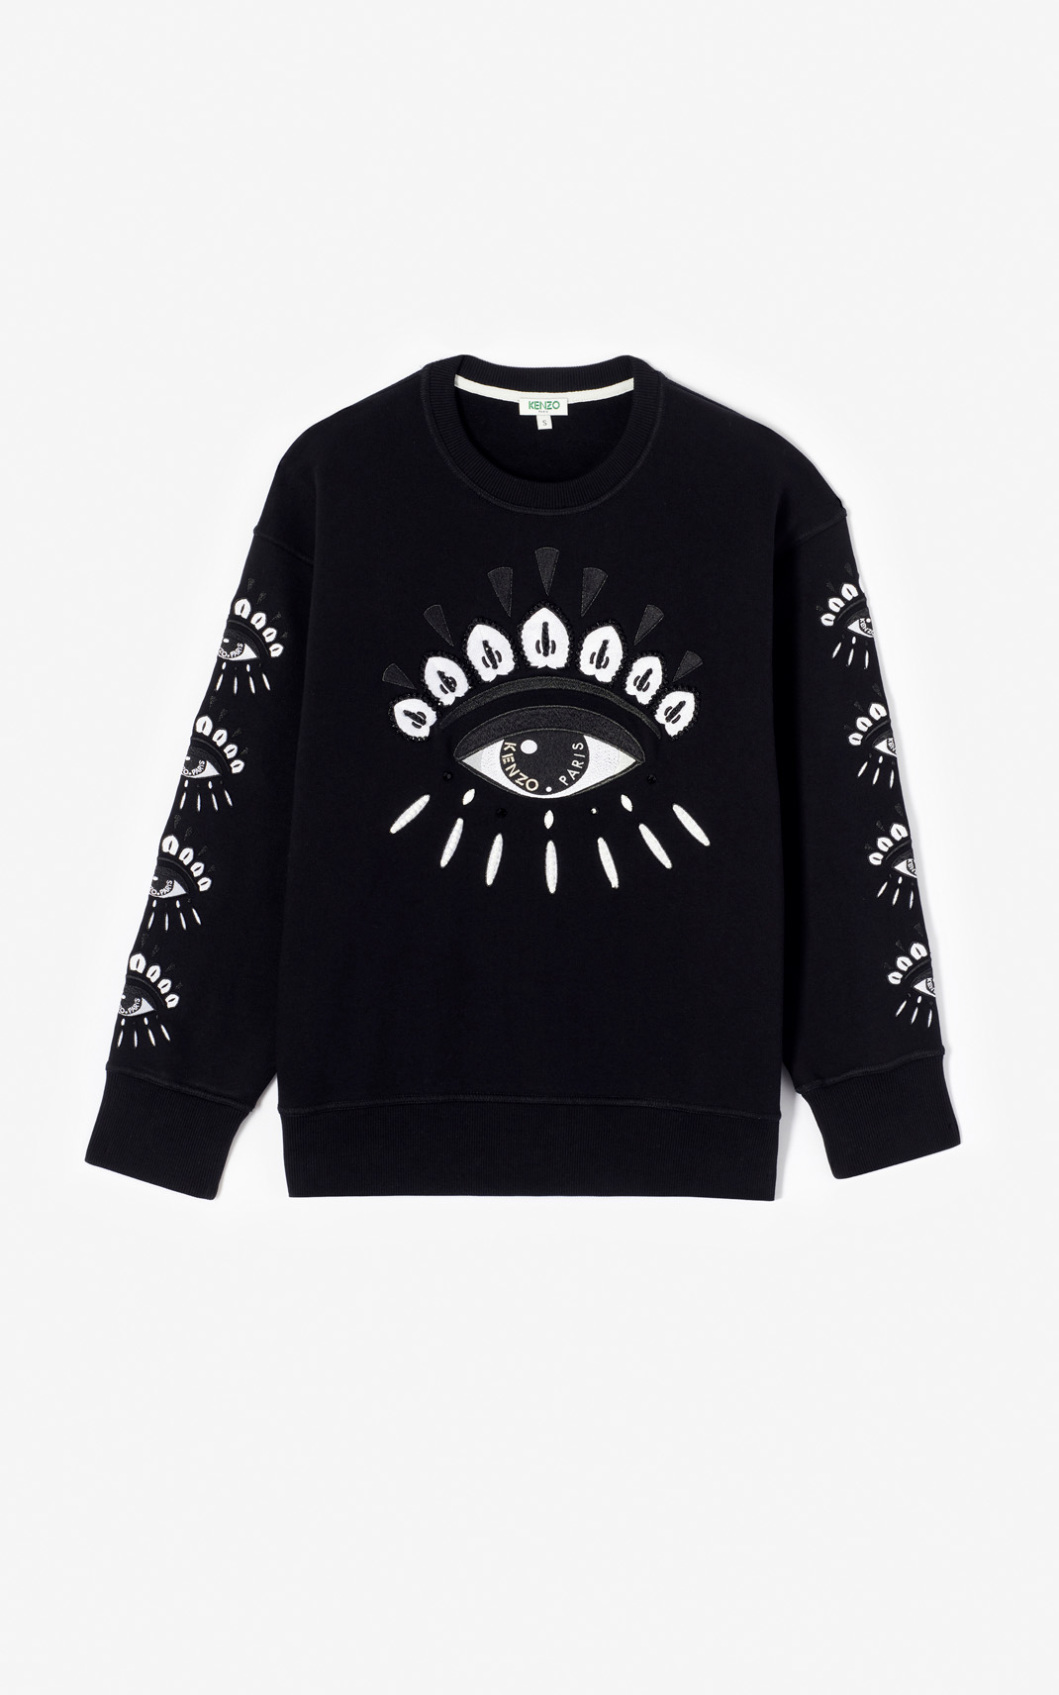 KENZO Sweatshirt Multi Eye